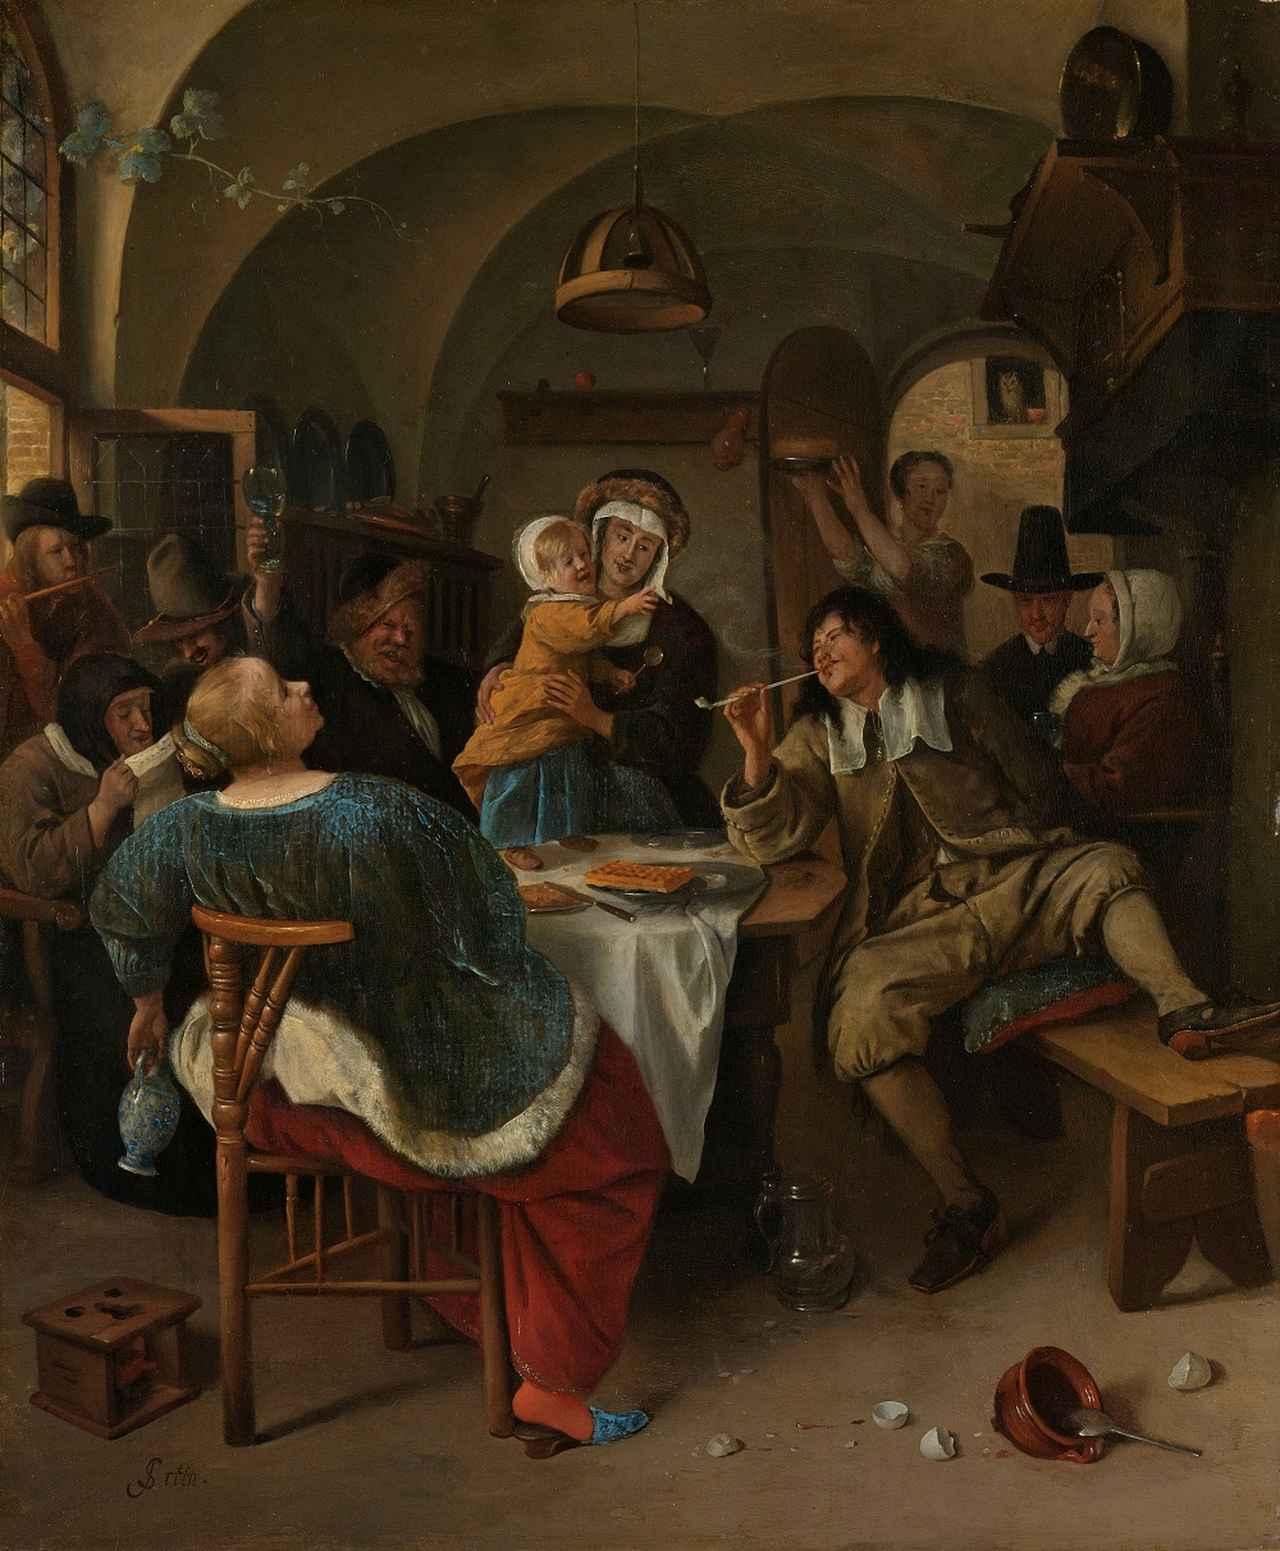 画像: ヤン・ステーン《家族の情景》1665-1675年頃 アムステルダム国立美術館 Rijksmuseum. On loan from the City of Amsterdam (A. van der Hoop Bequest)